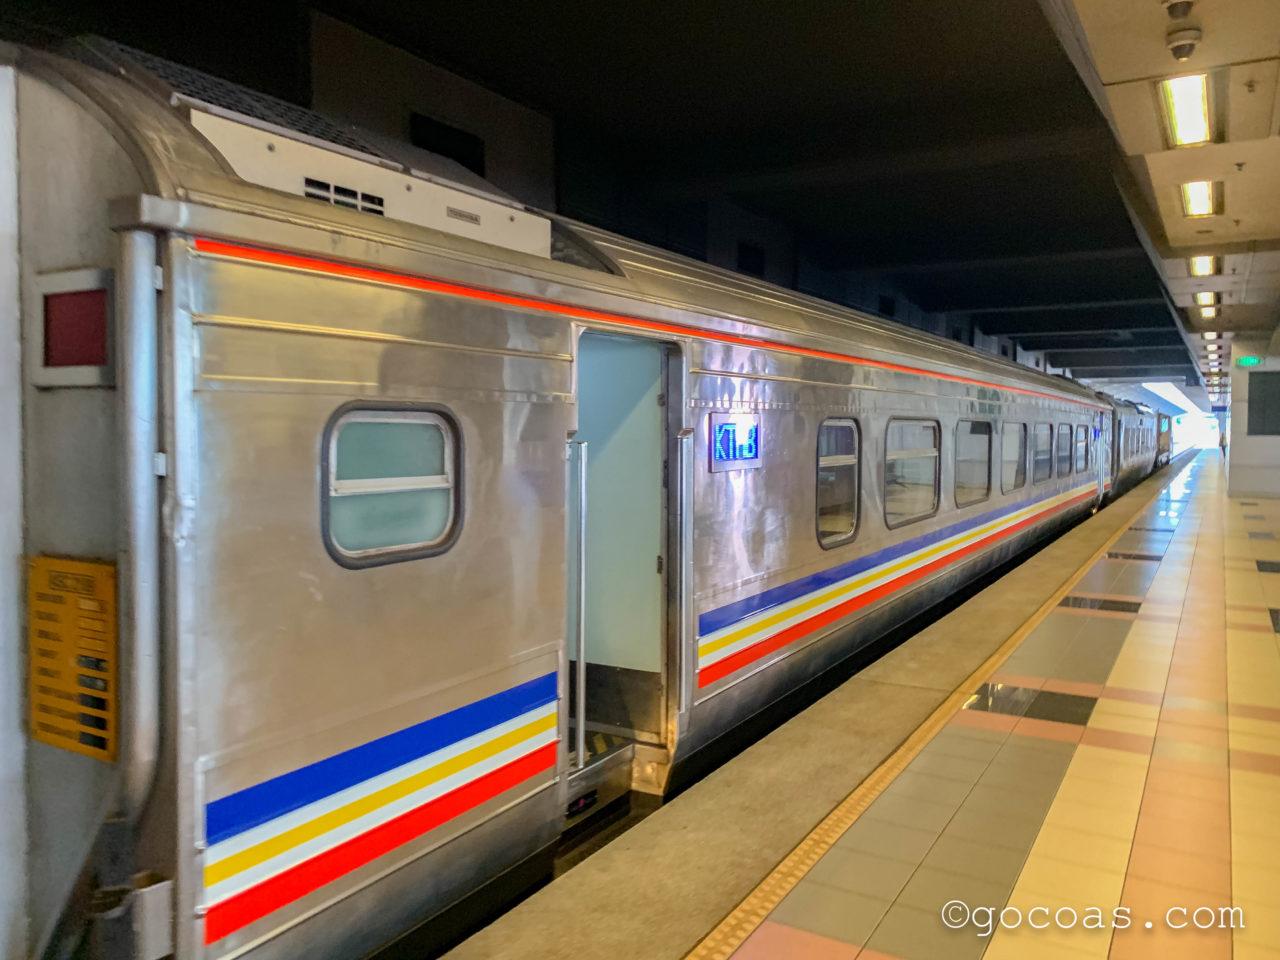 マレー鉄道のJBセントラル駅で乗る電車